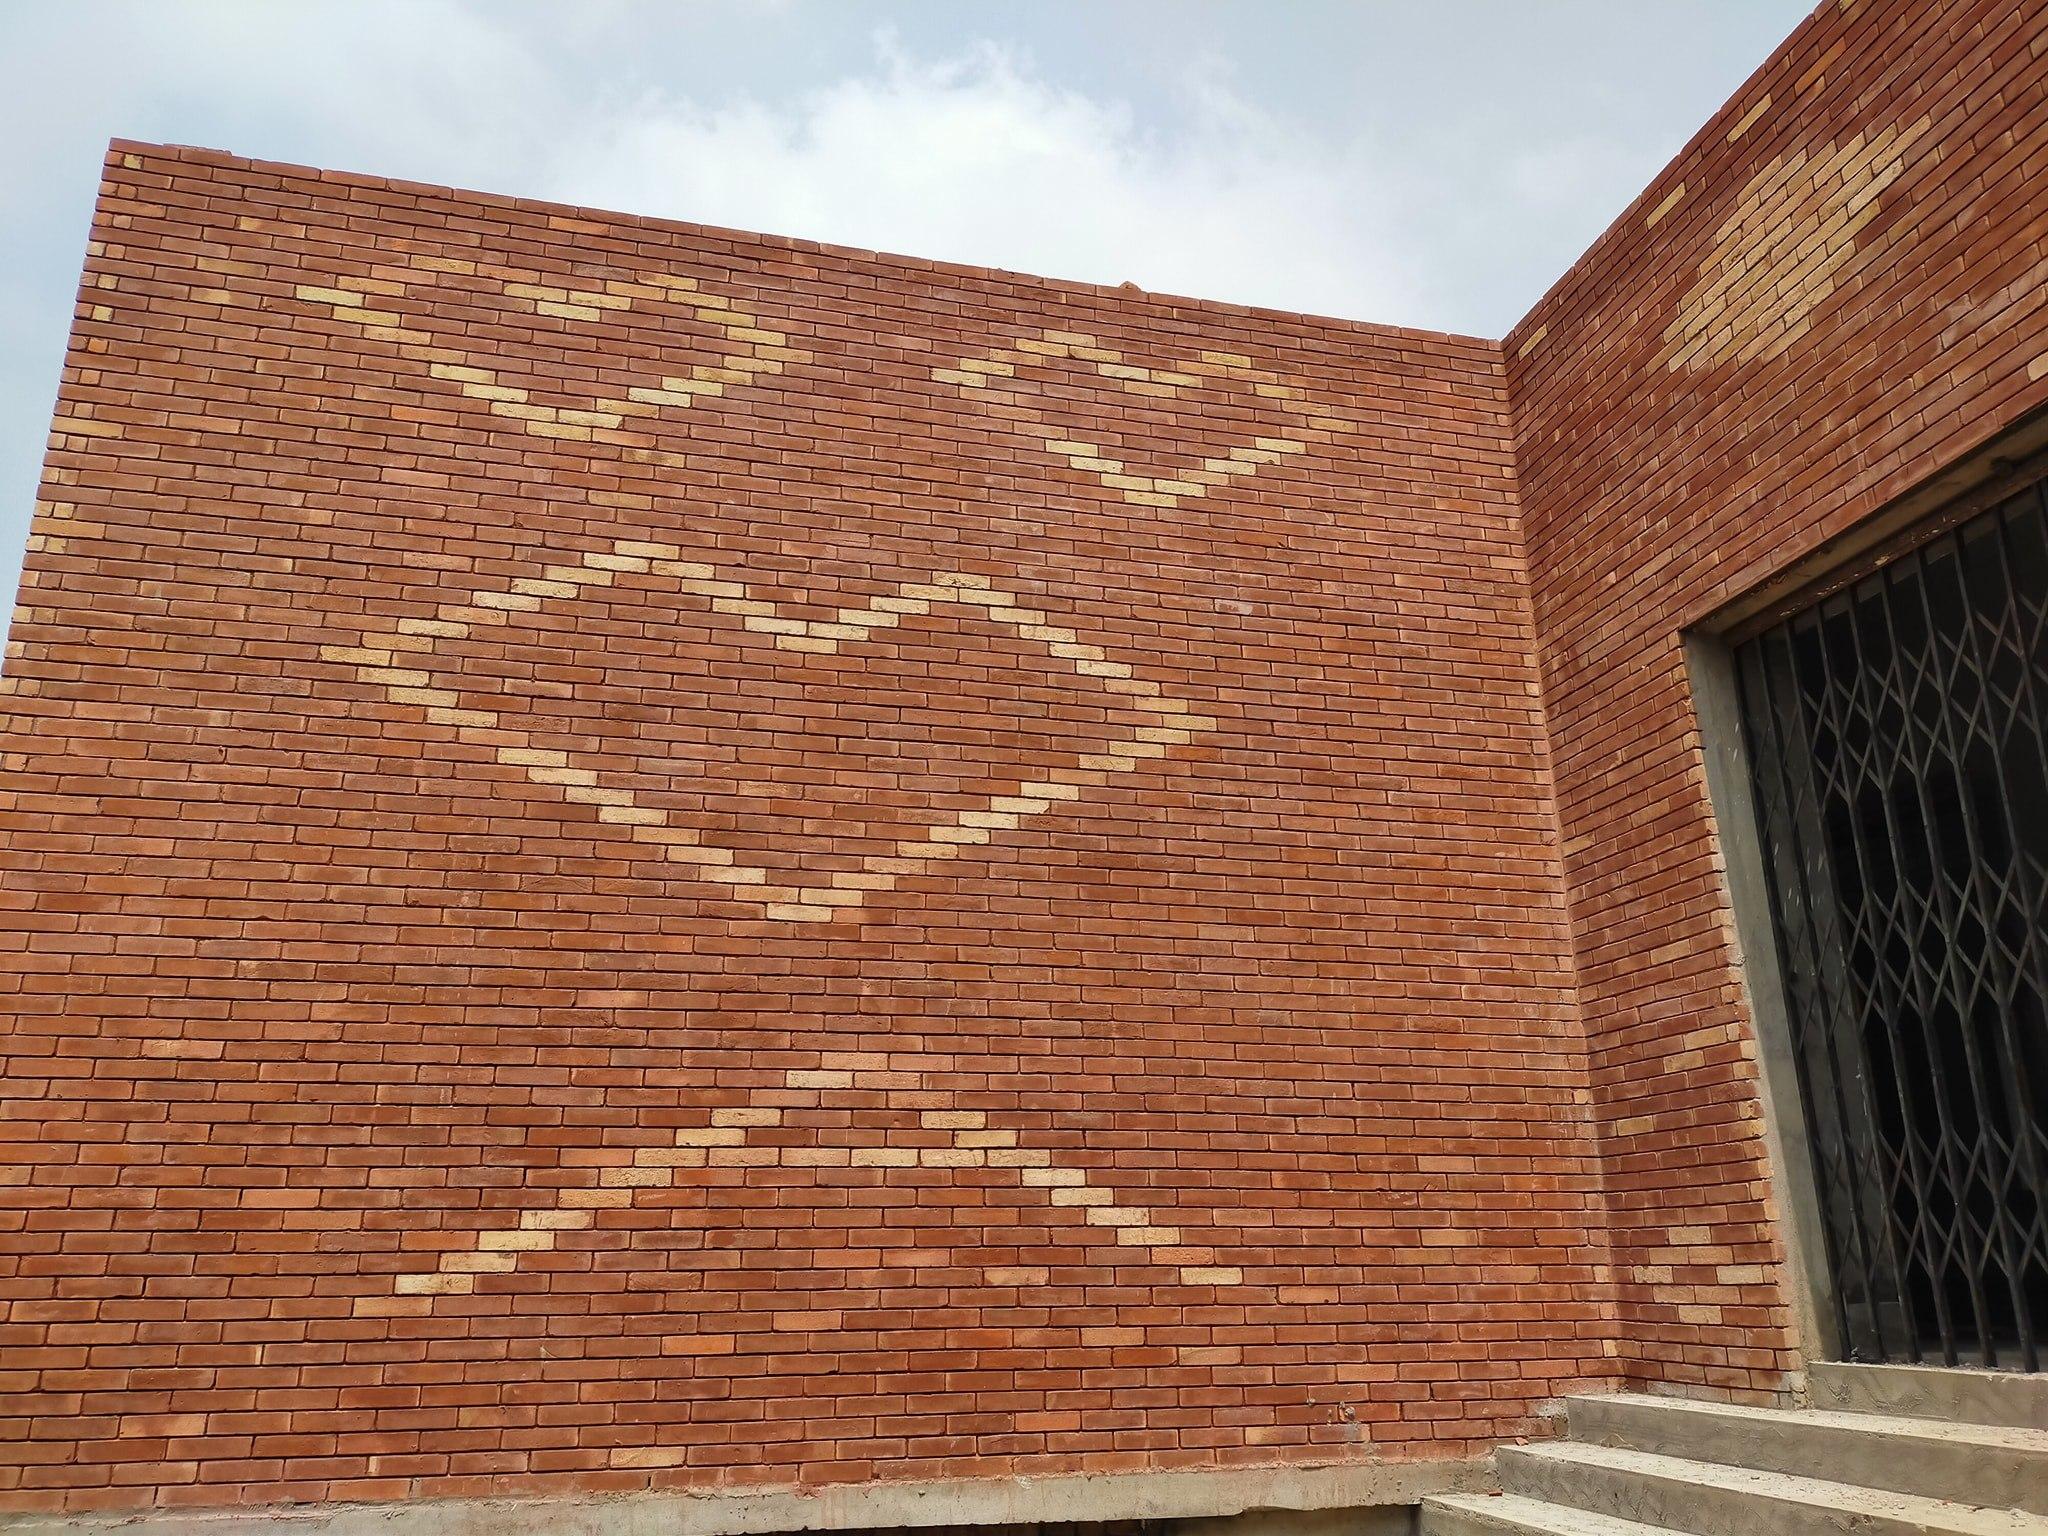 12 Lahori gutka bricks face tiles price in pakistan